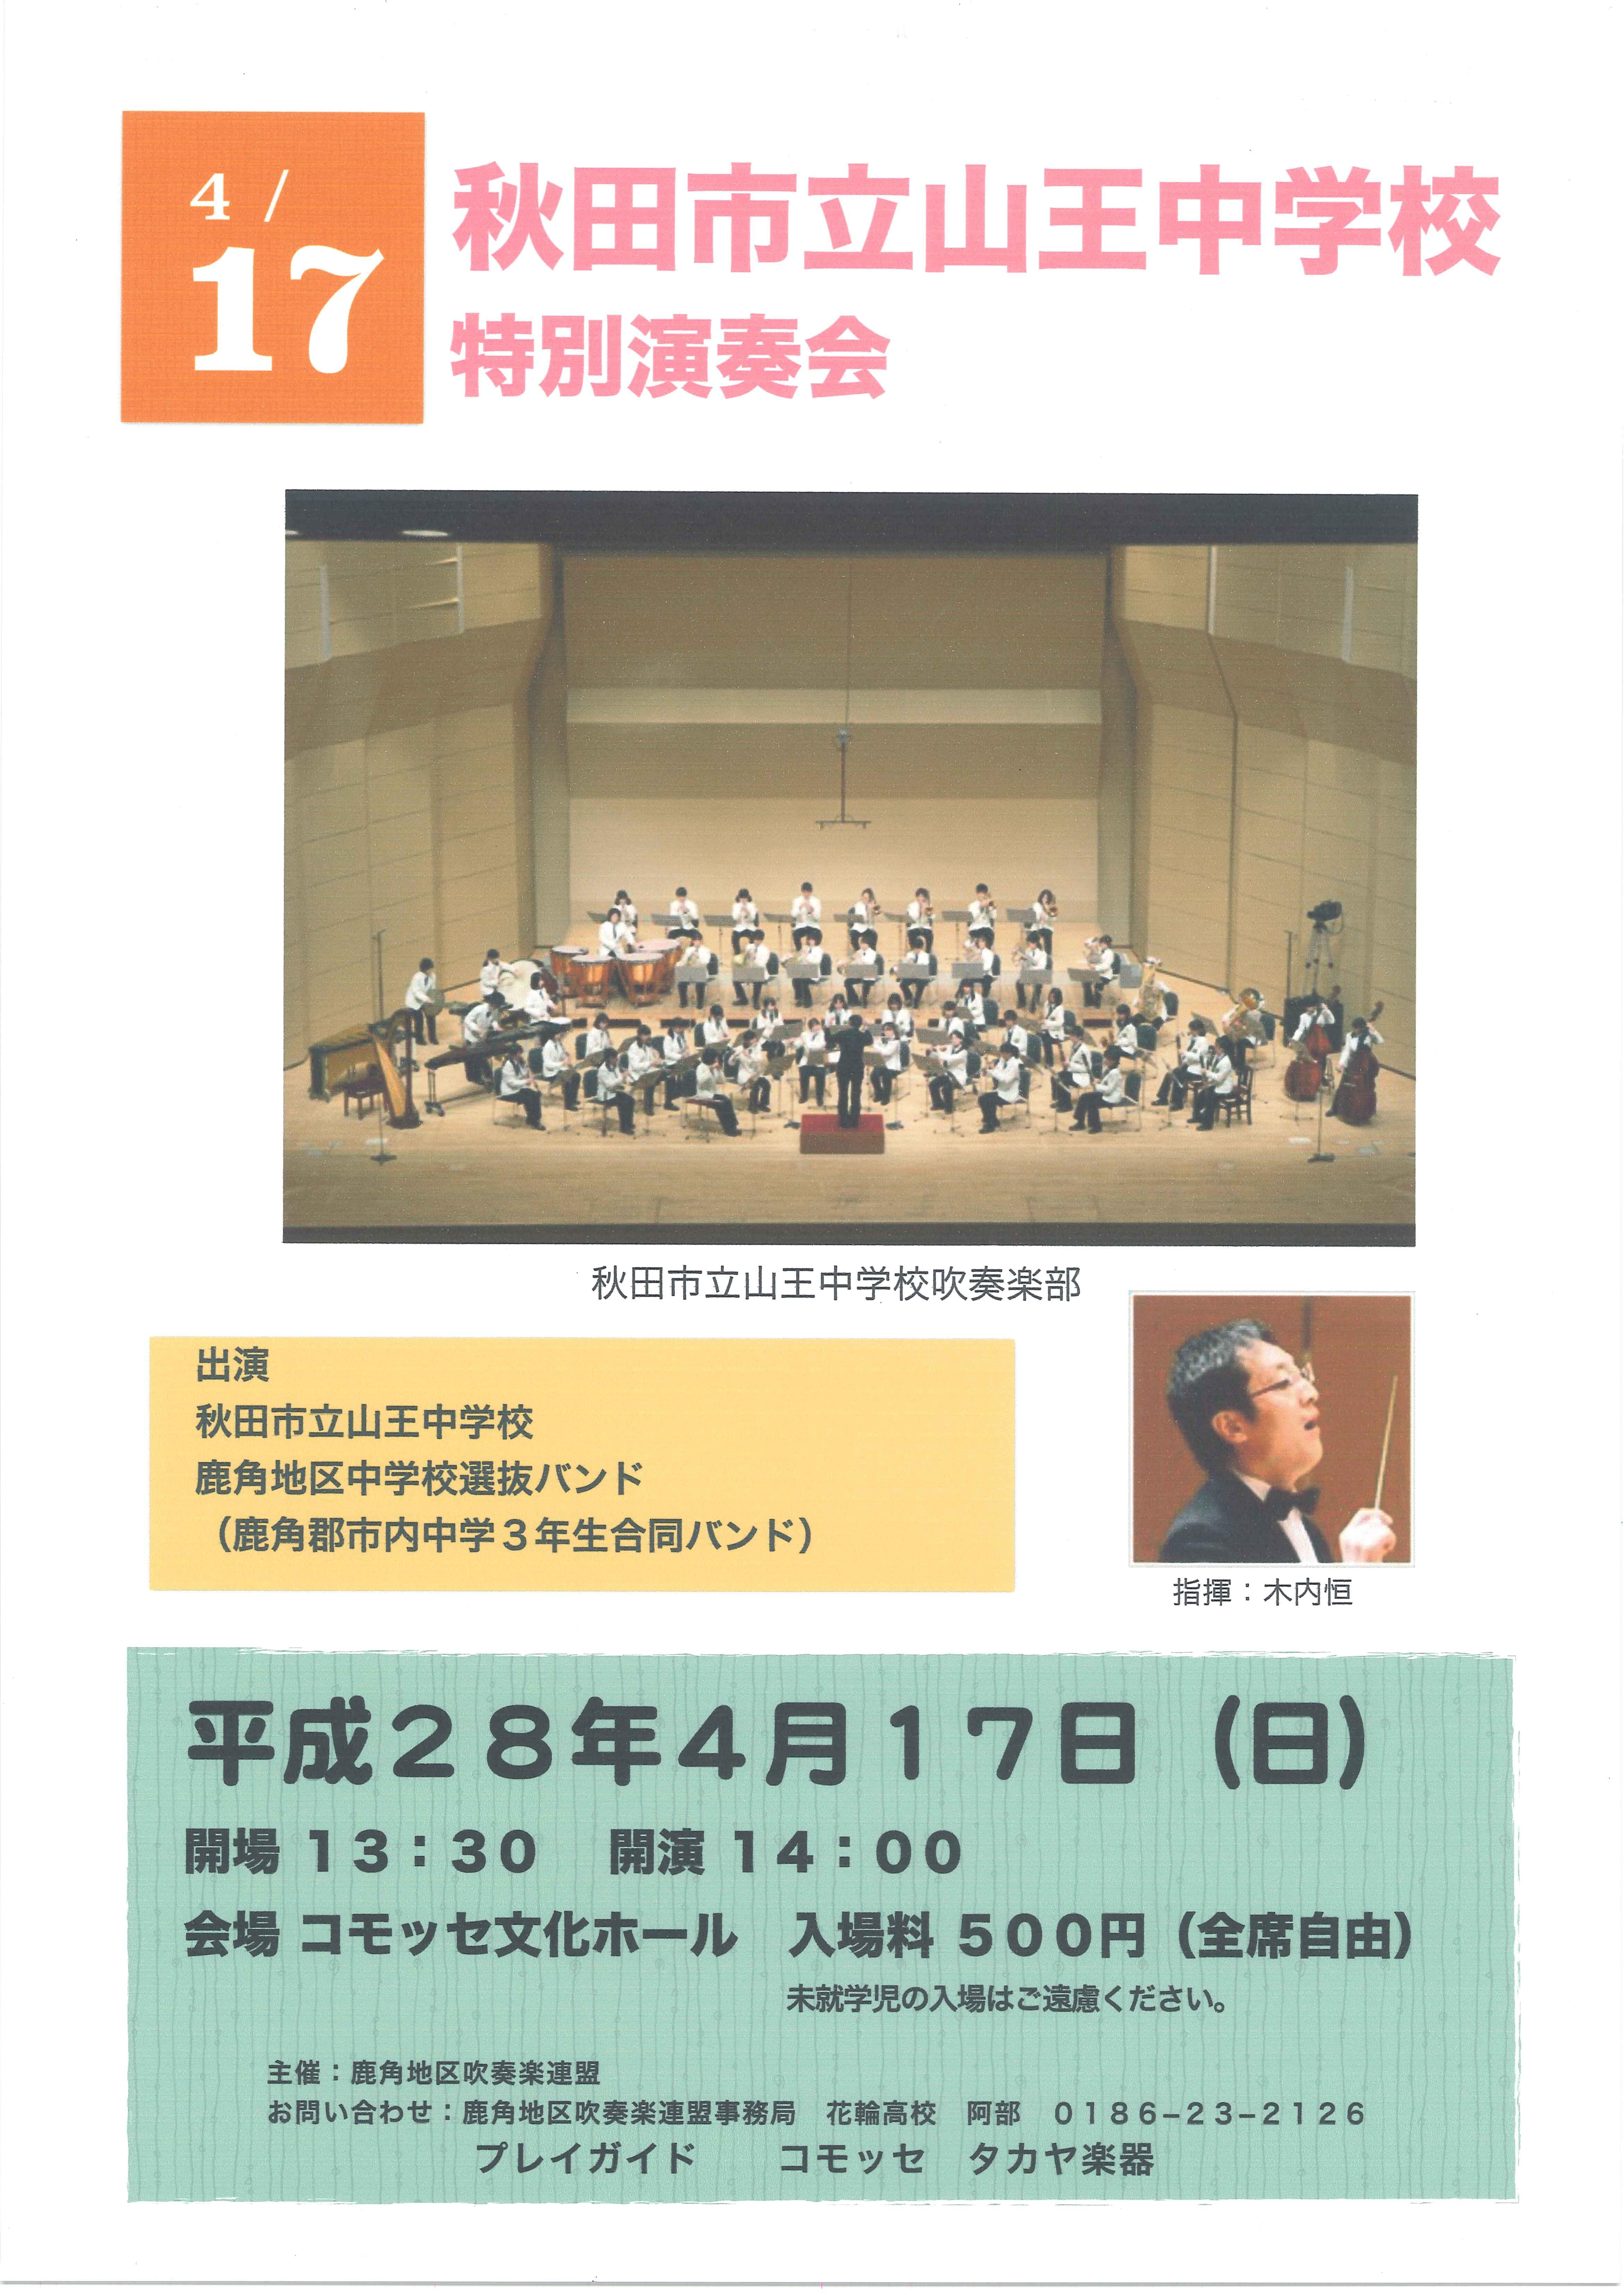 山王中学校特別演奏会